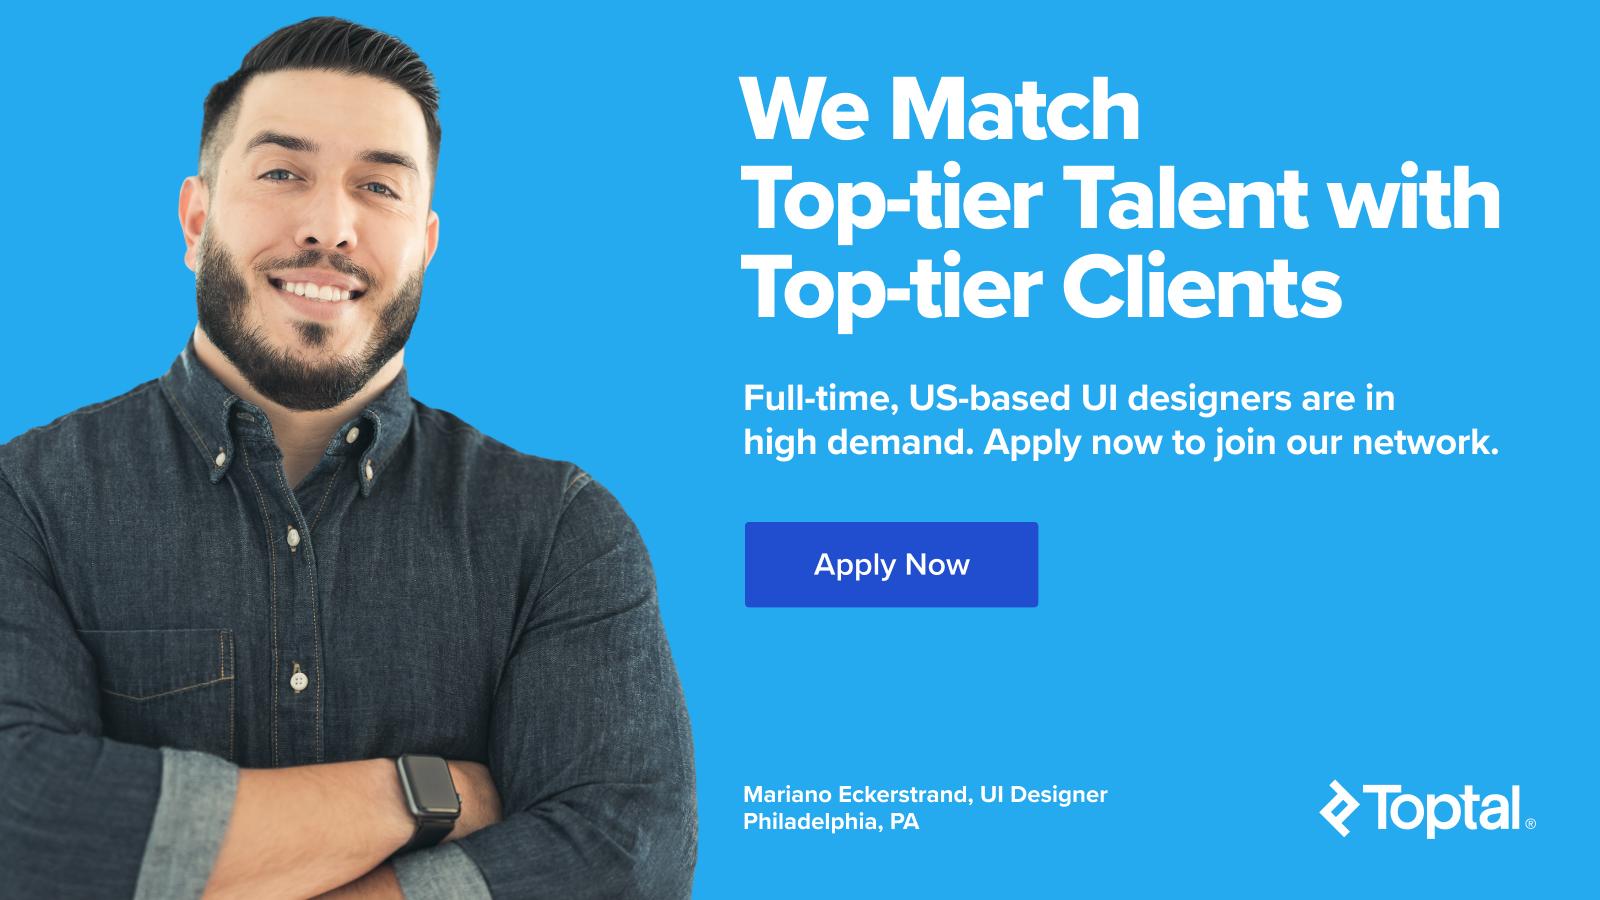 US-based full-time freelance UI designers wanted